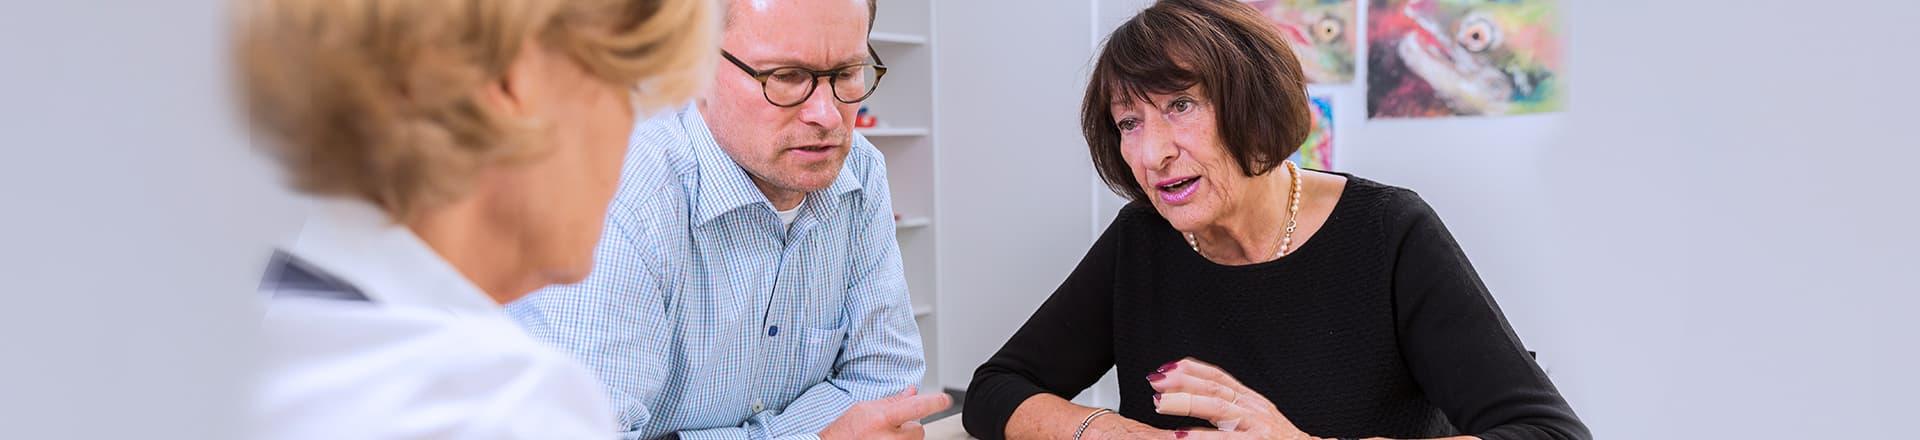 Tagespflege und Betreuung bei Demenz in München